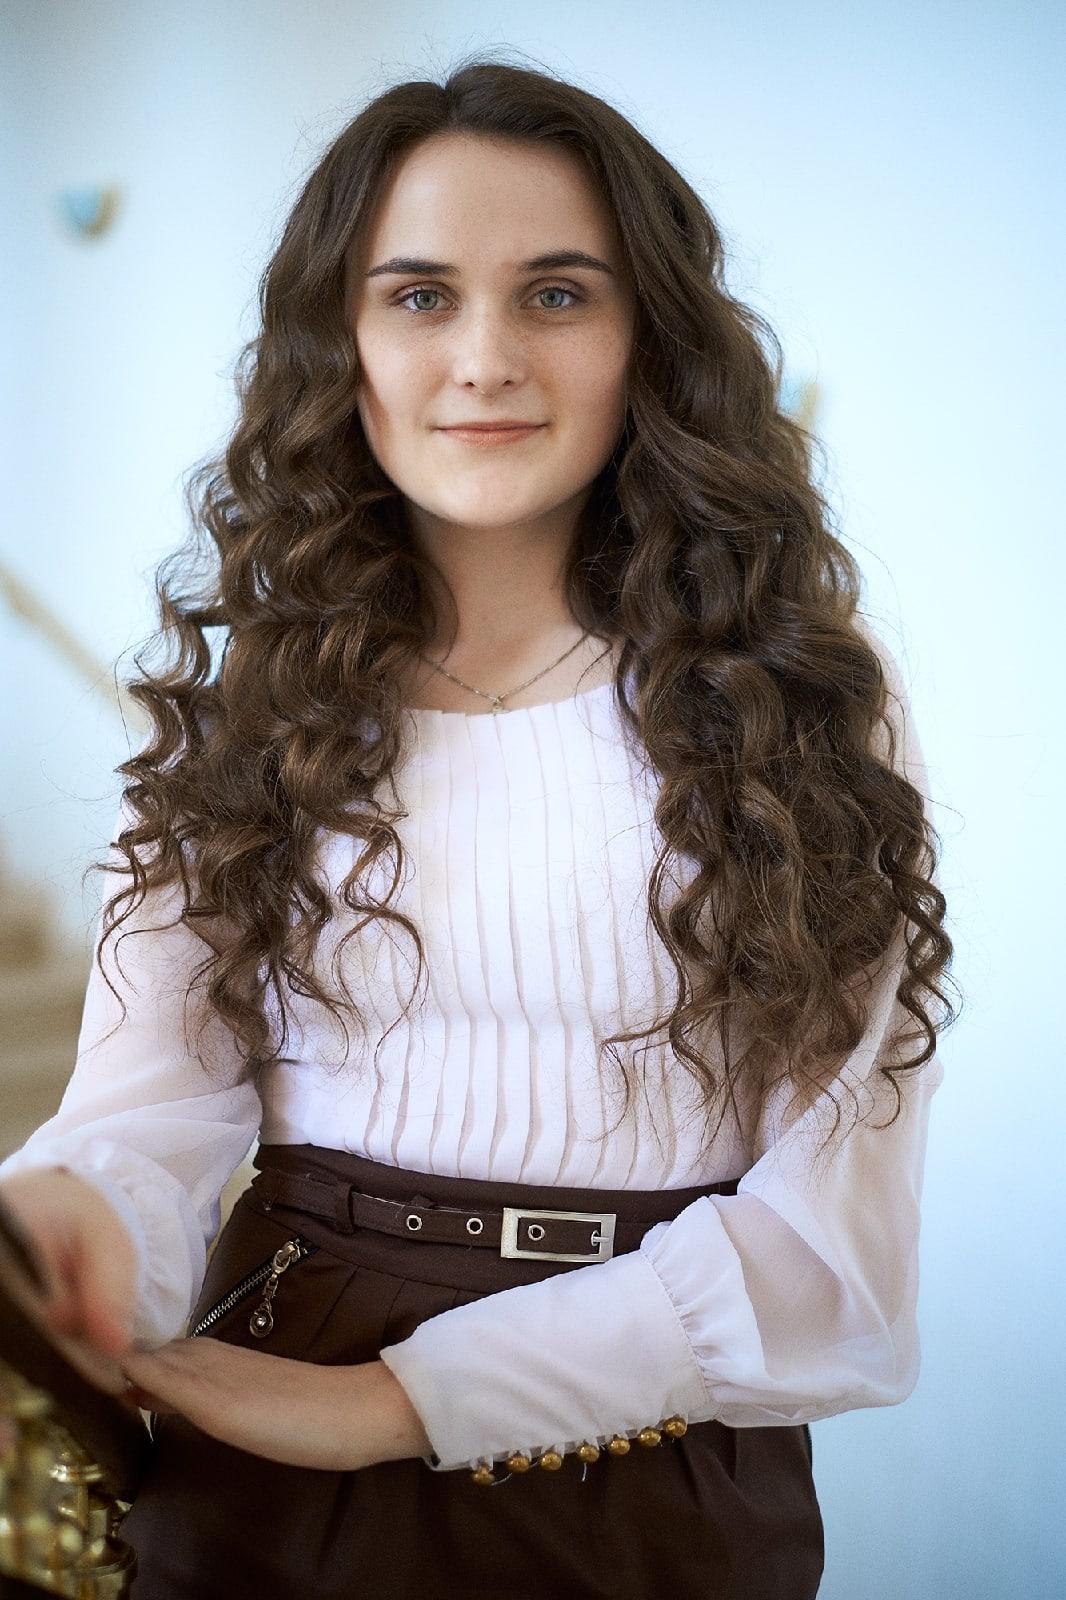 Евгения Сергеевна Карпей— преподаватель танца для детей (детский хореограф, курс «Kids Dance»). Фотография-портрет